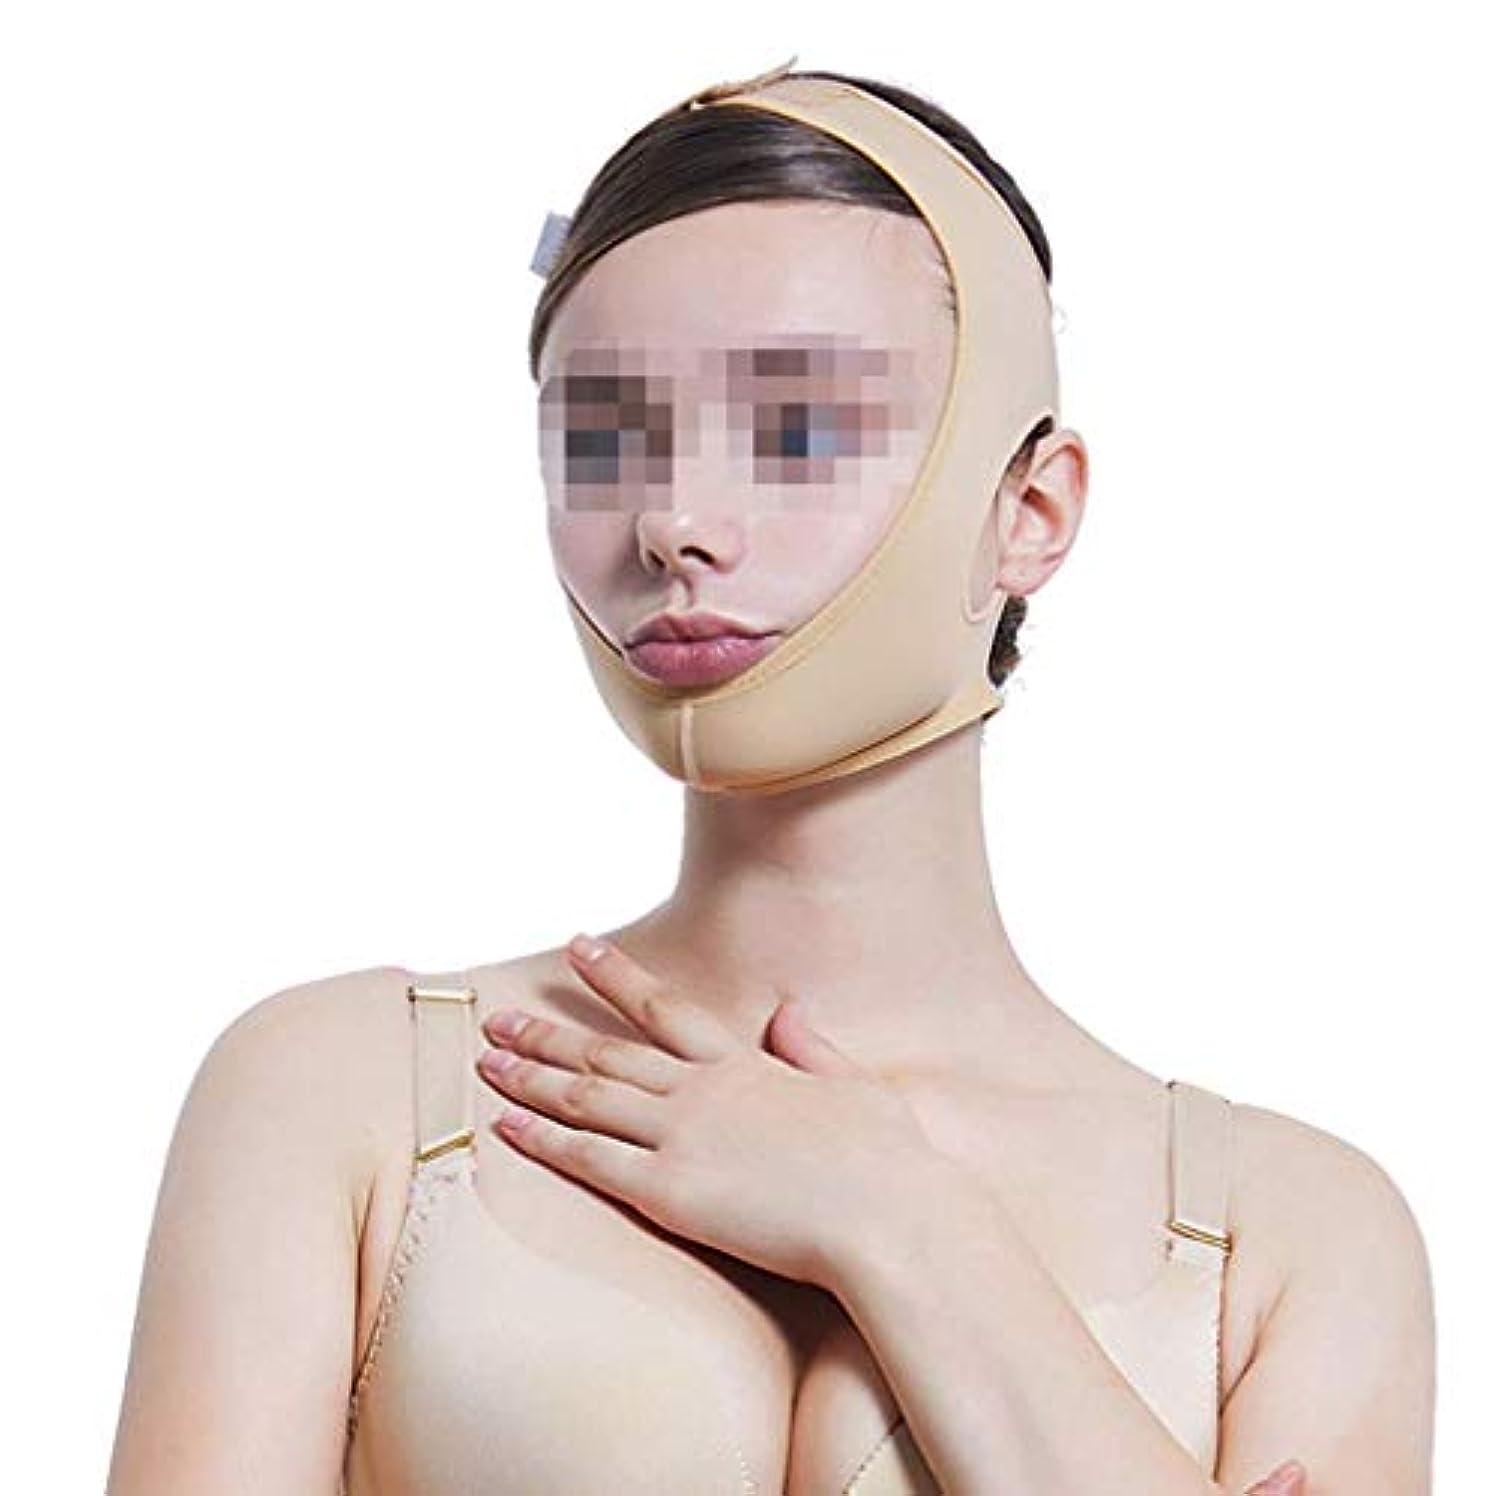 アヒルボーダーリーンビームフェイス弾性ヘッドギア、ダブルあごのあごのセットをマスクの後に線彫り薄いフェイス包帯マルチサイズオプション(サイズ:XS),M